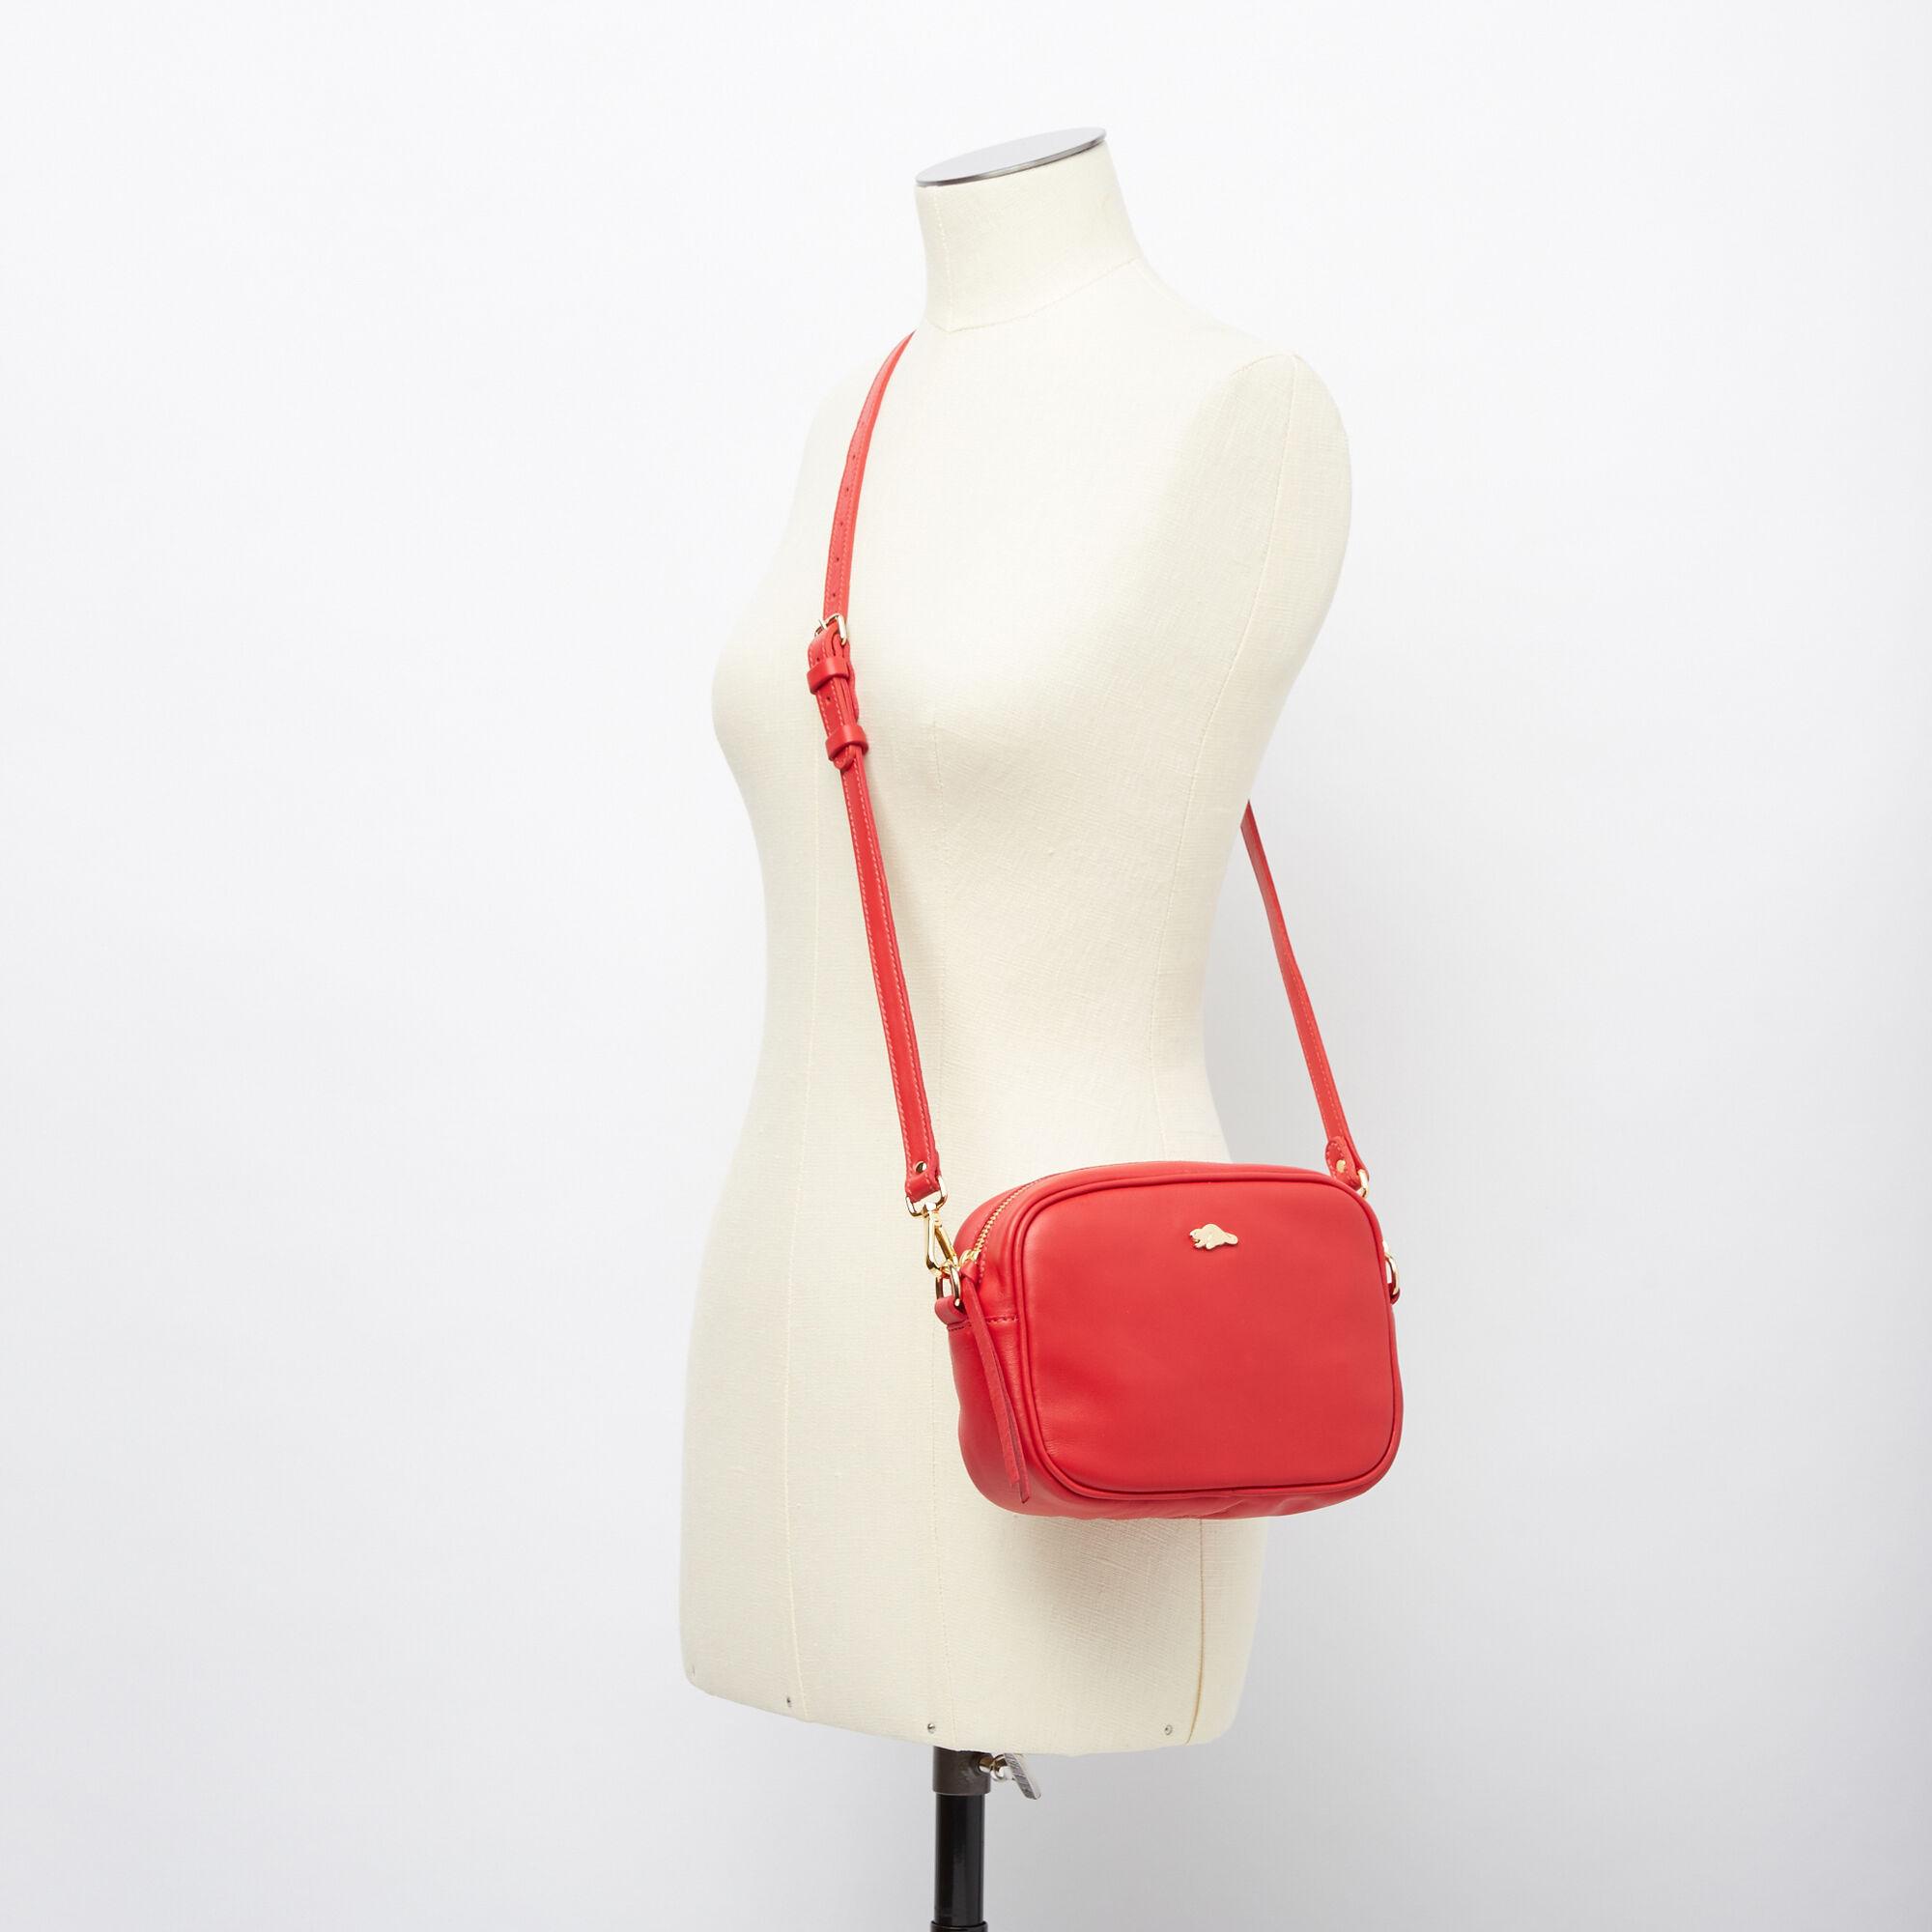 Lorna Bag Bolzano